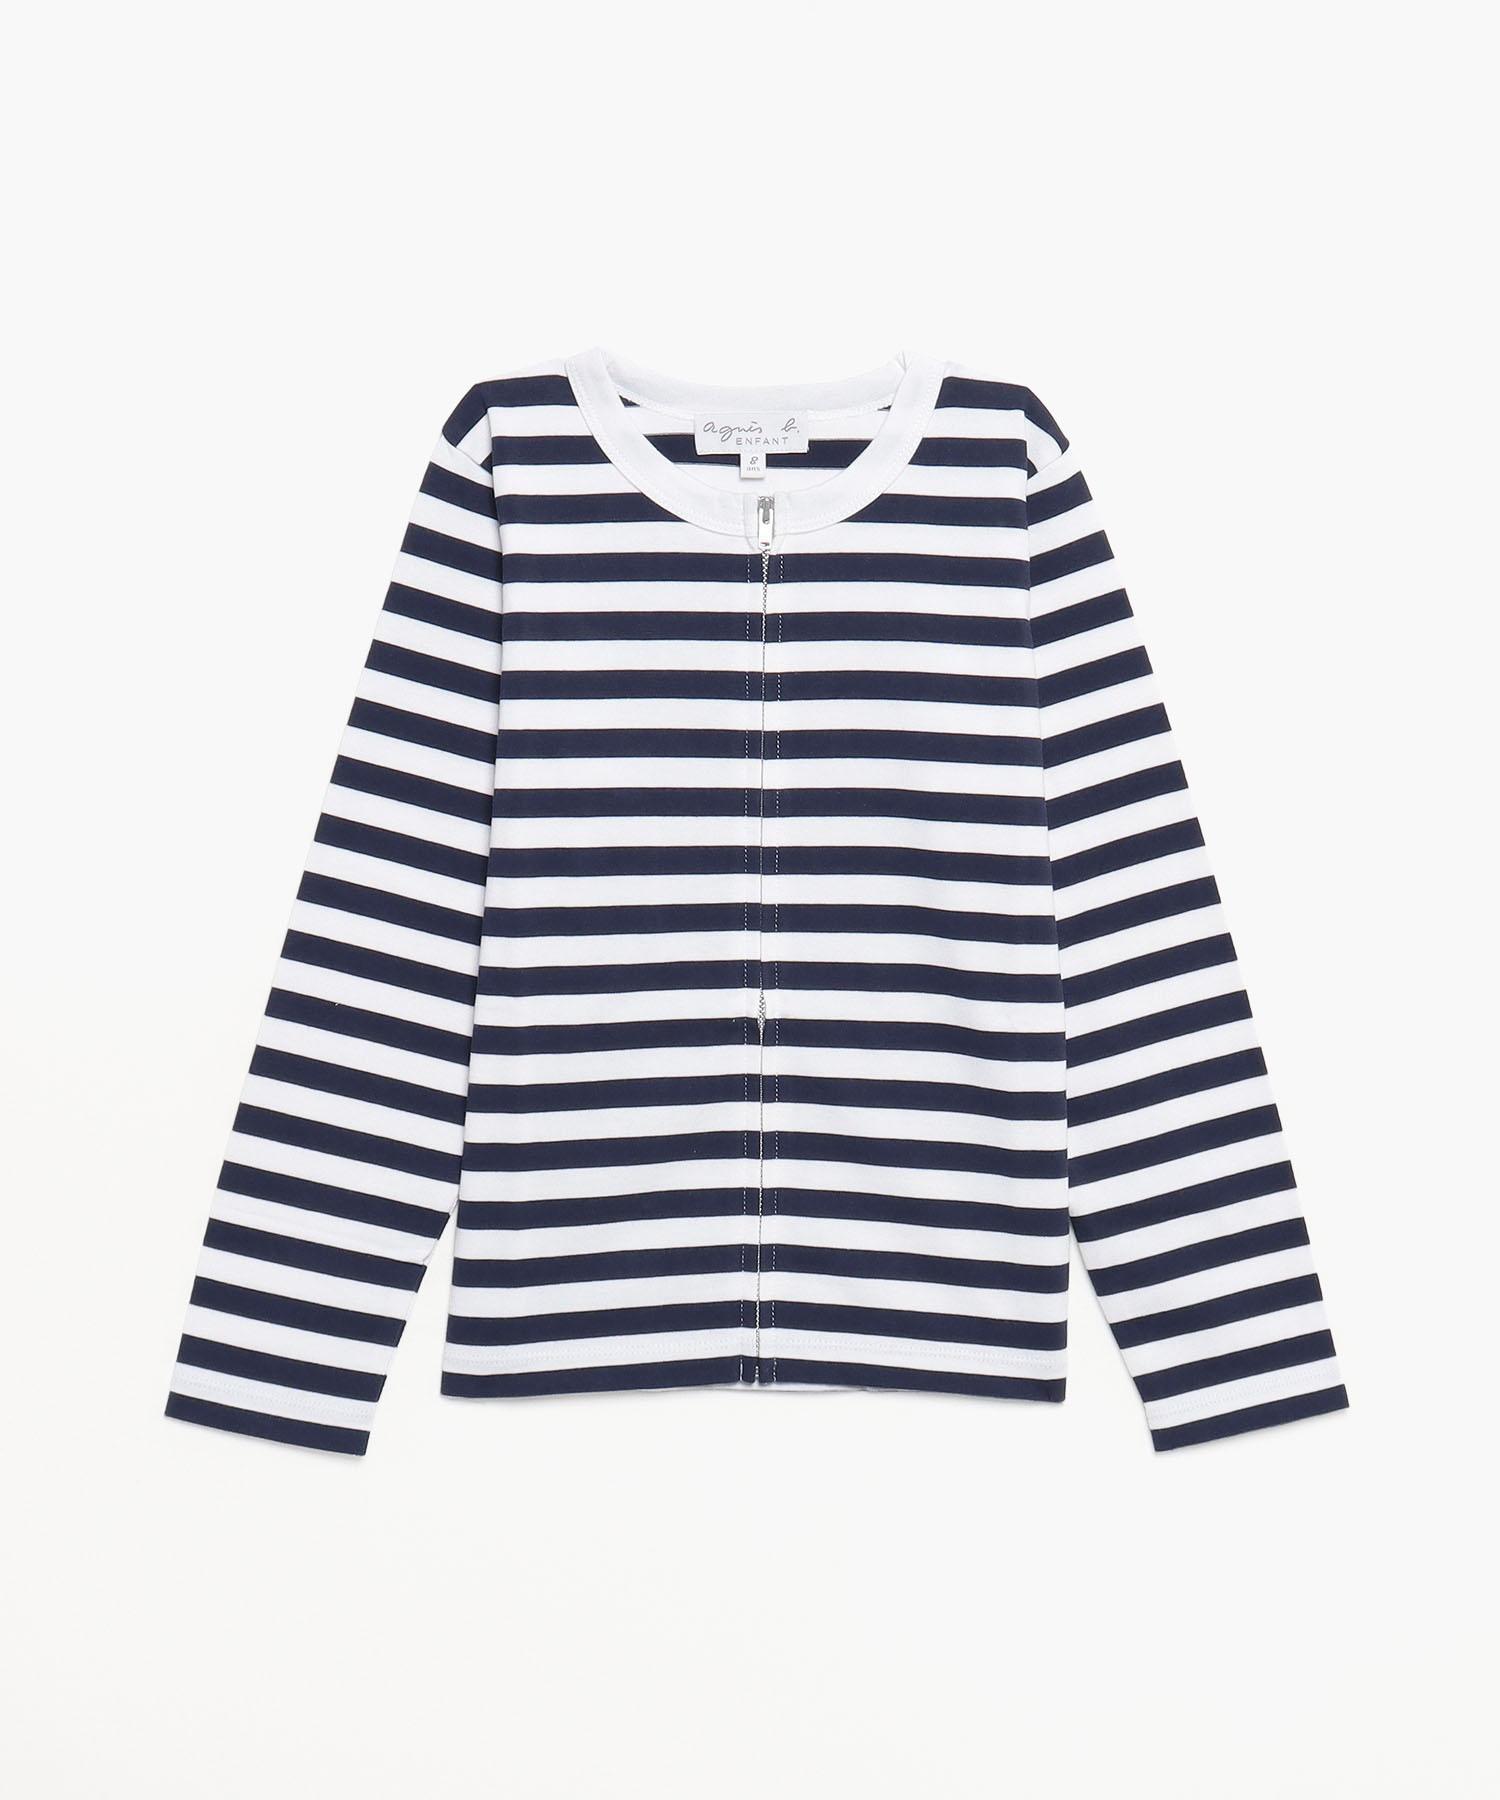 J008 E TS キッズ ボーダージップTシャツ